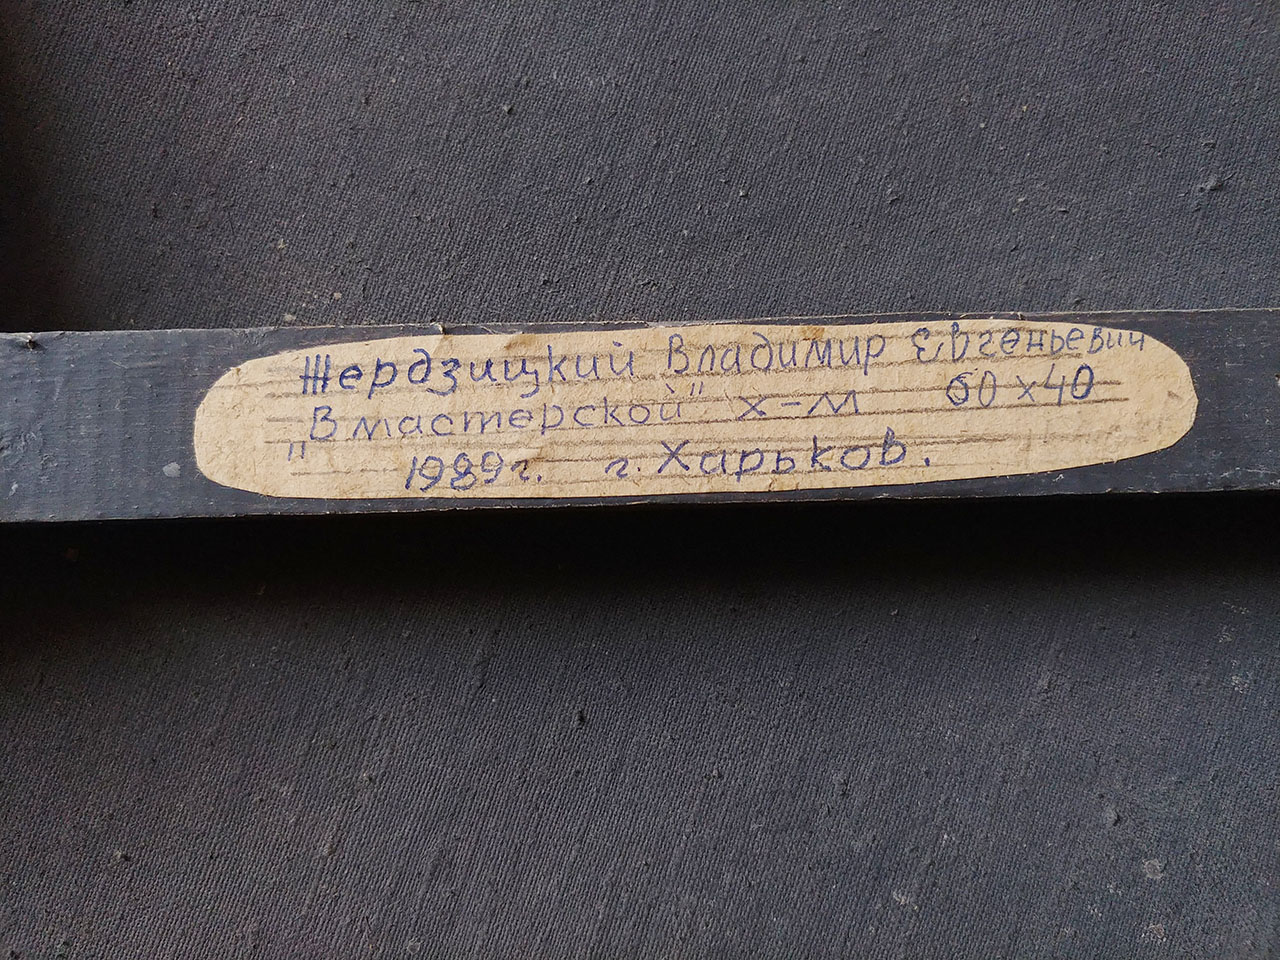 В мастерской 60-40 см., холст, масло 1989 год  - 2